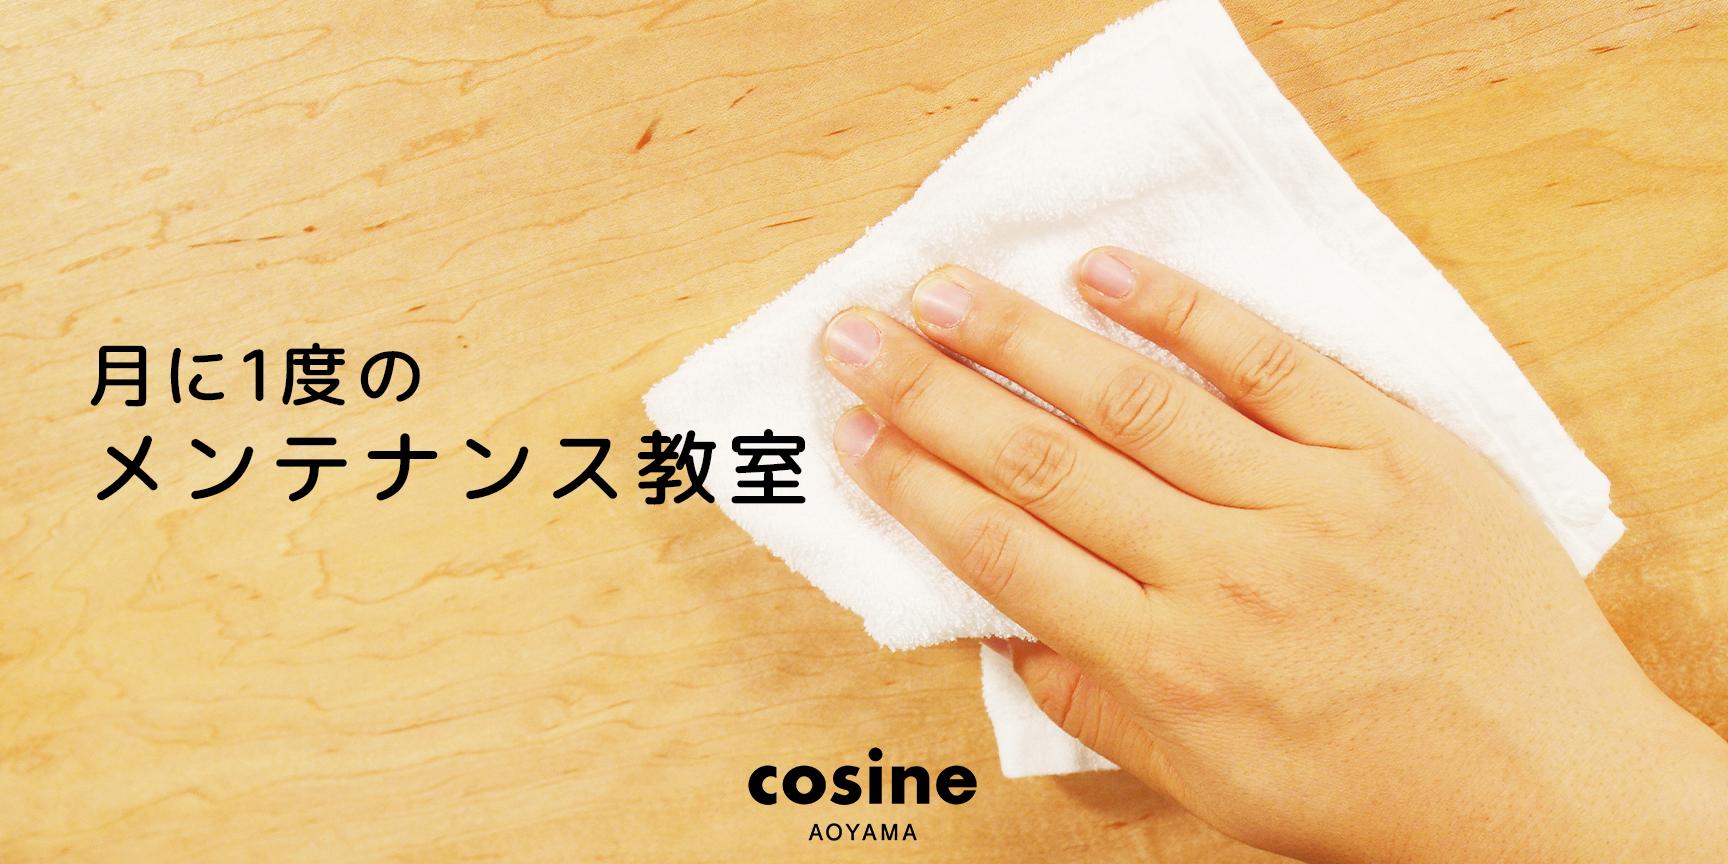 【コサイン青山】月に1度のメンテナンス教室